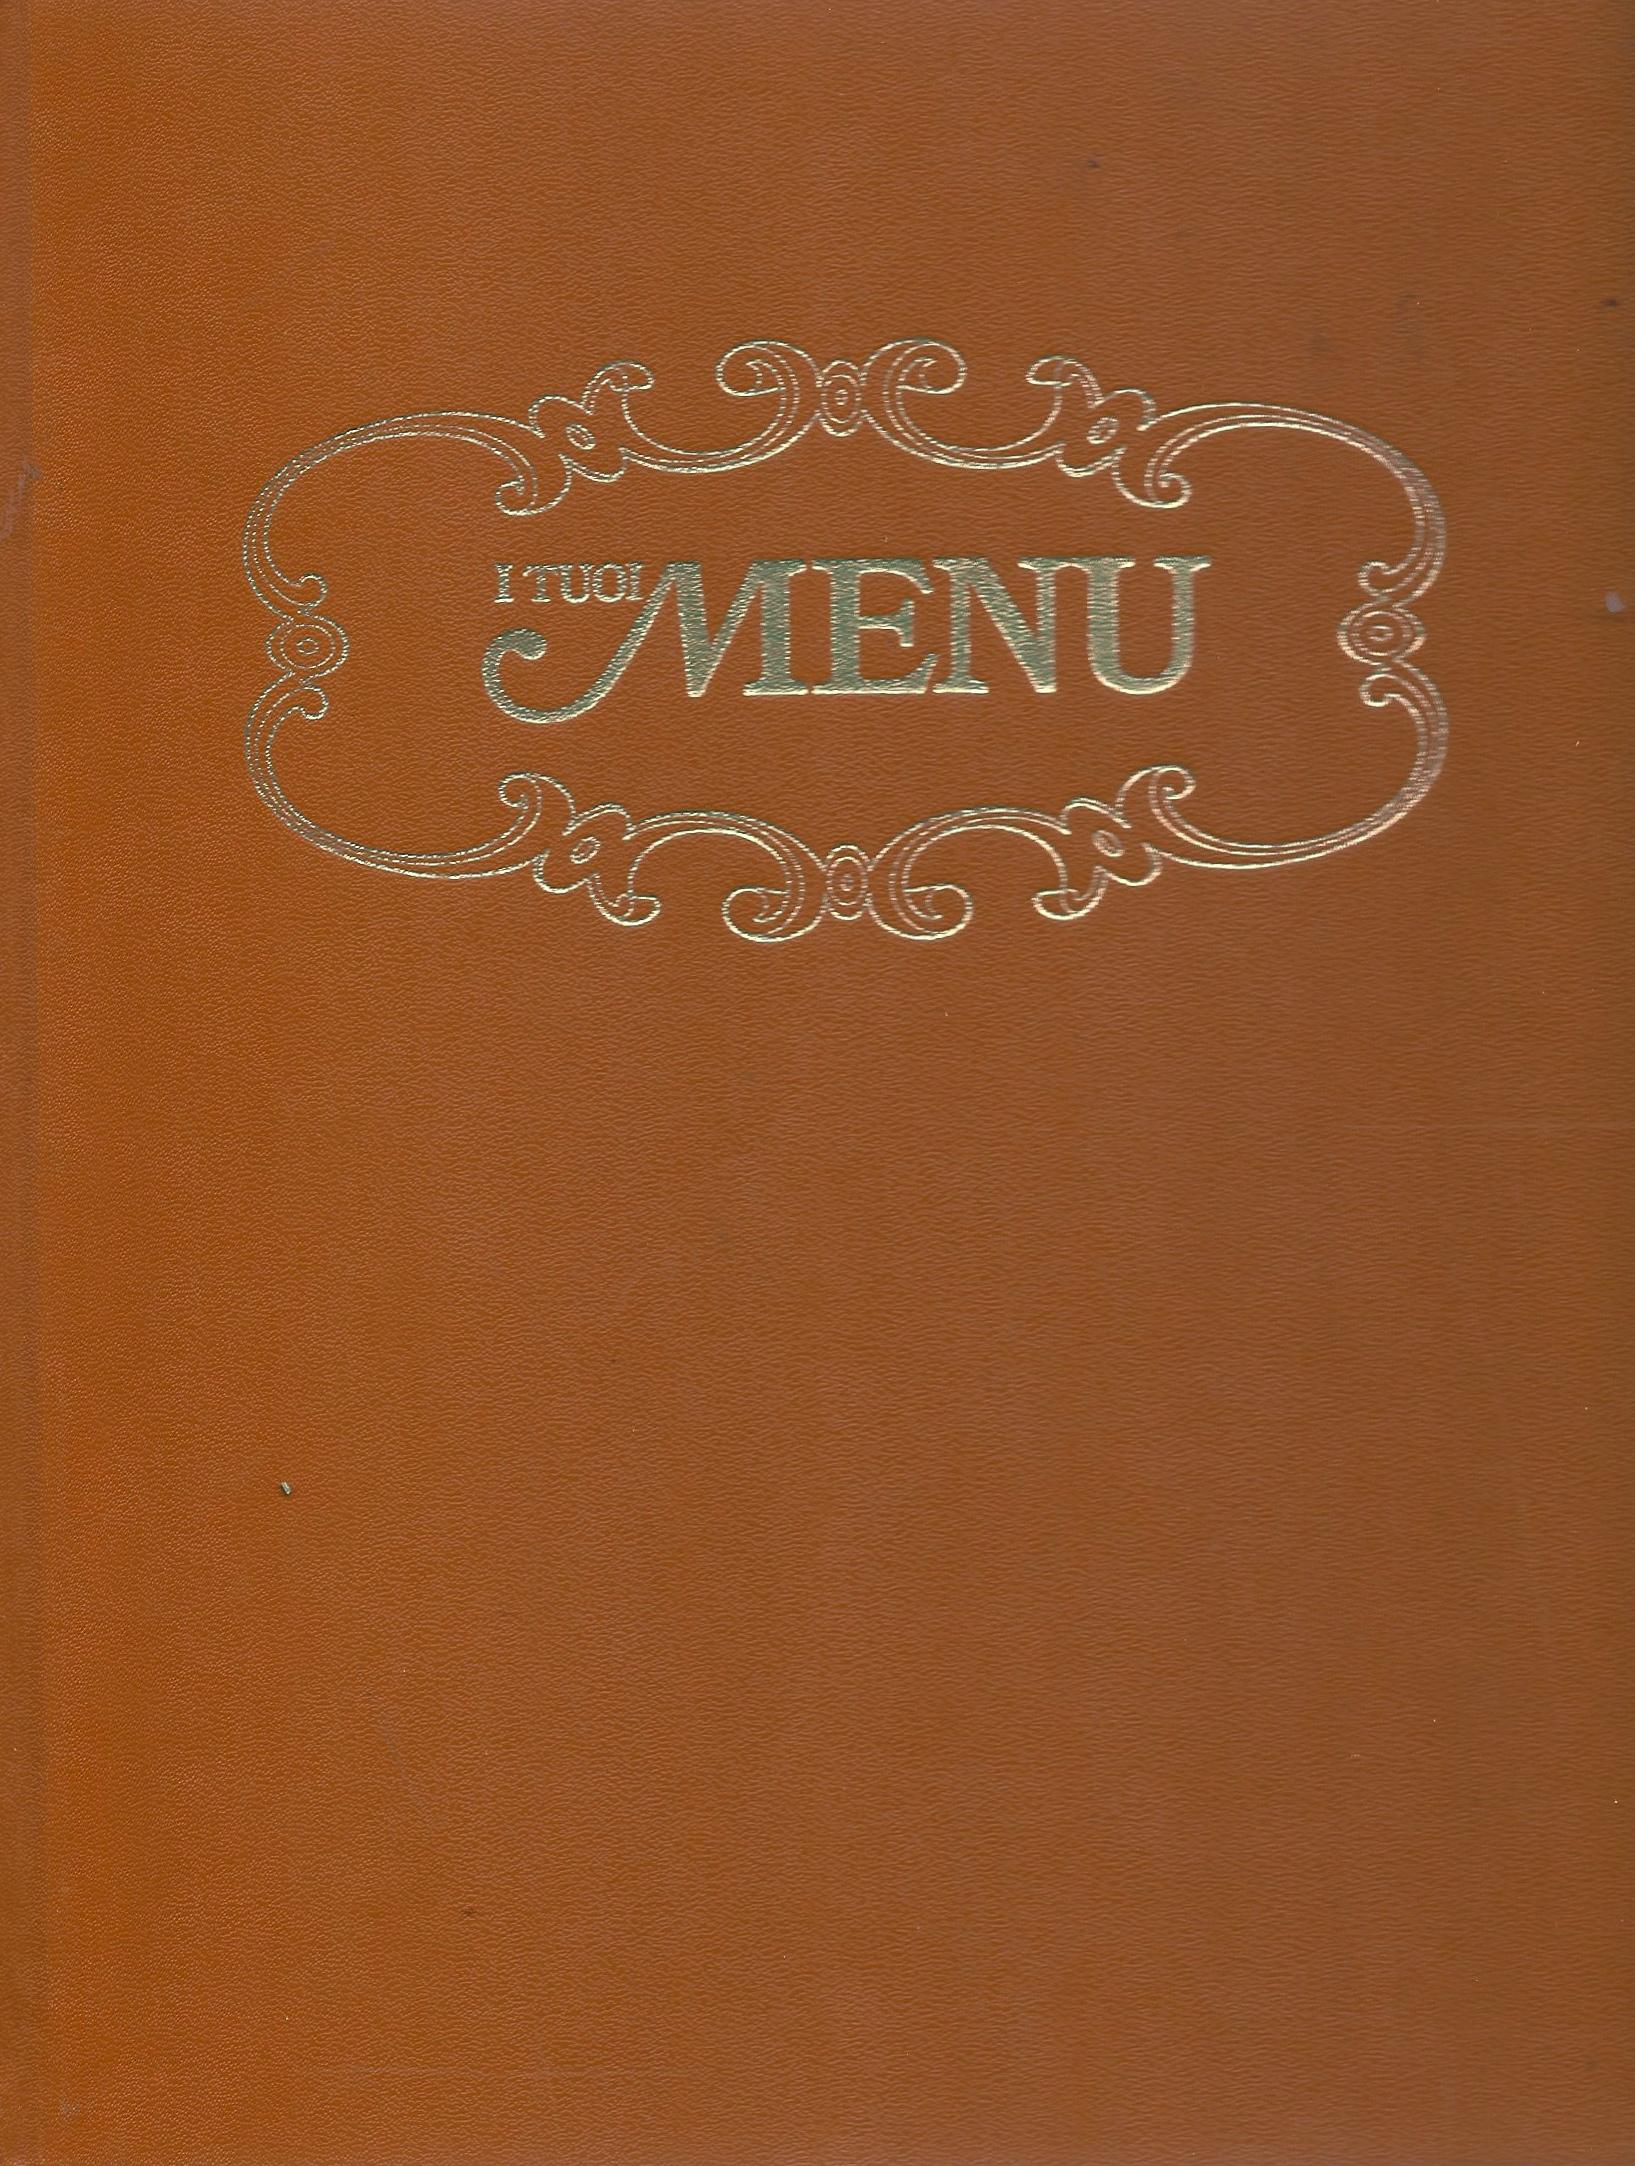 I tuoi menu - vol 8